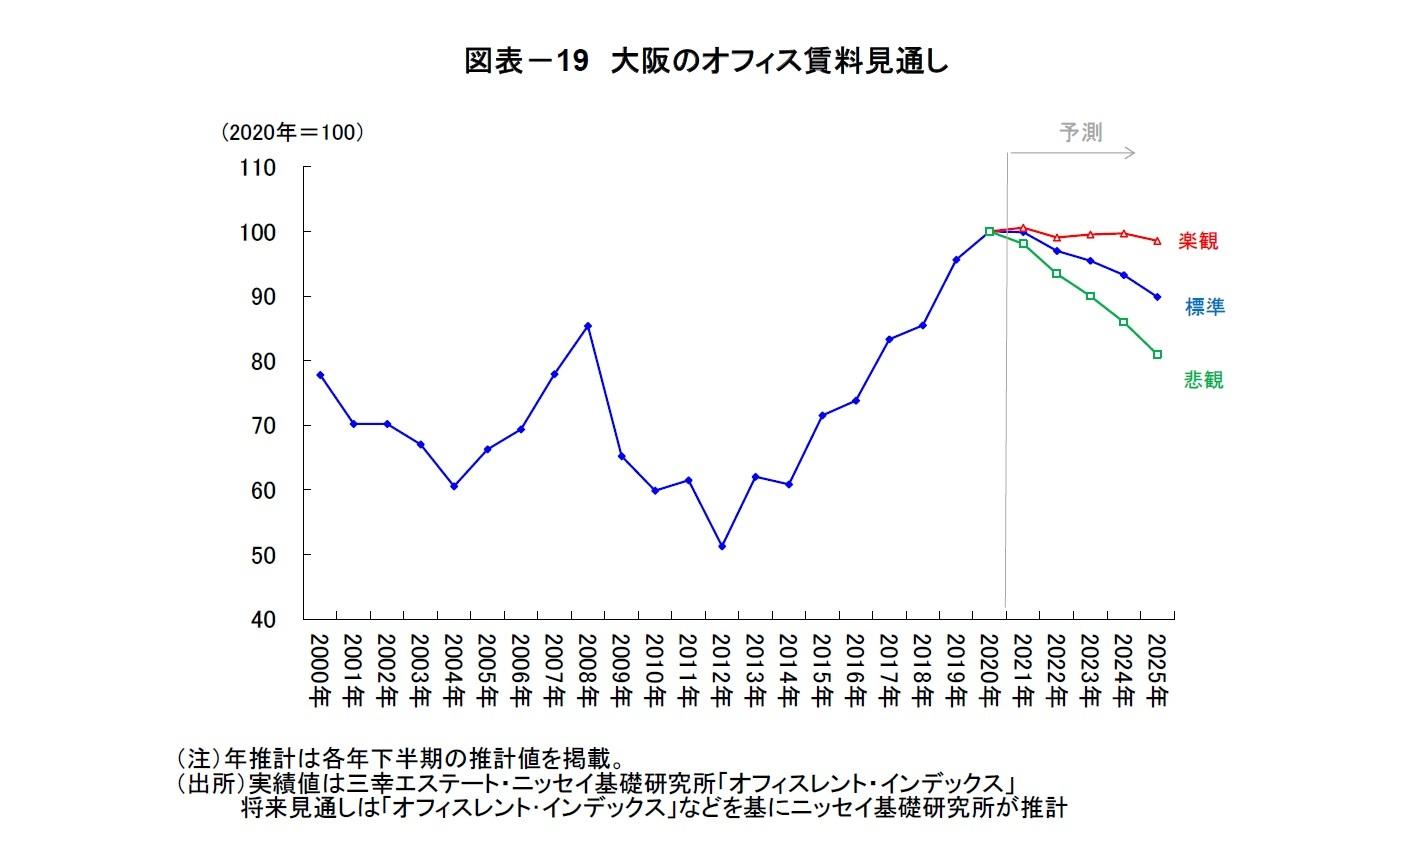 図表-19 大阪のオフィス賃料見通し